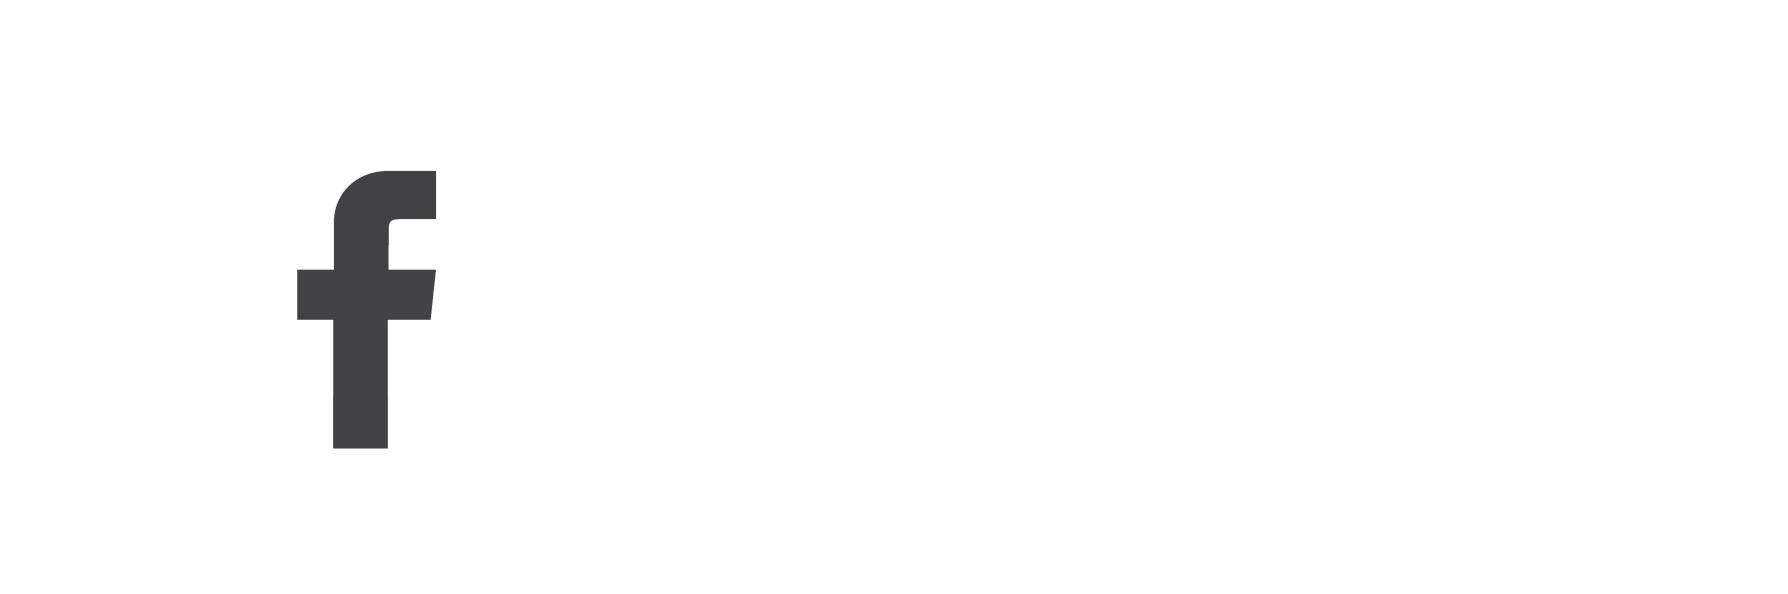 1788x594 15 Like Us On Facebook Png Black For Free Download On Mbtskoudsalg